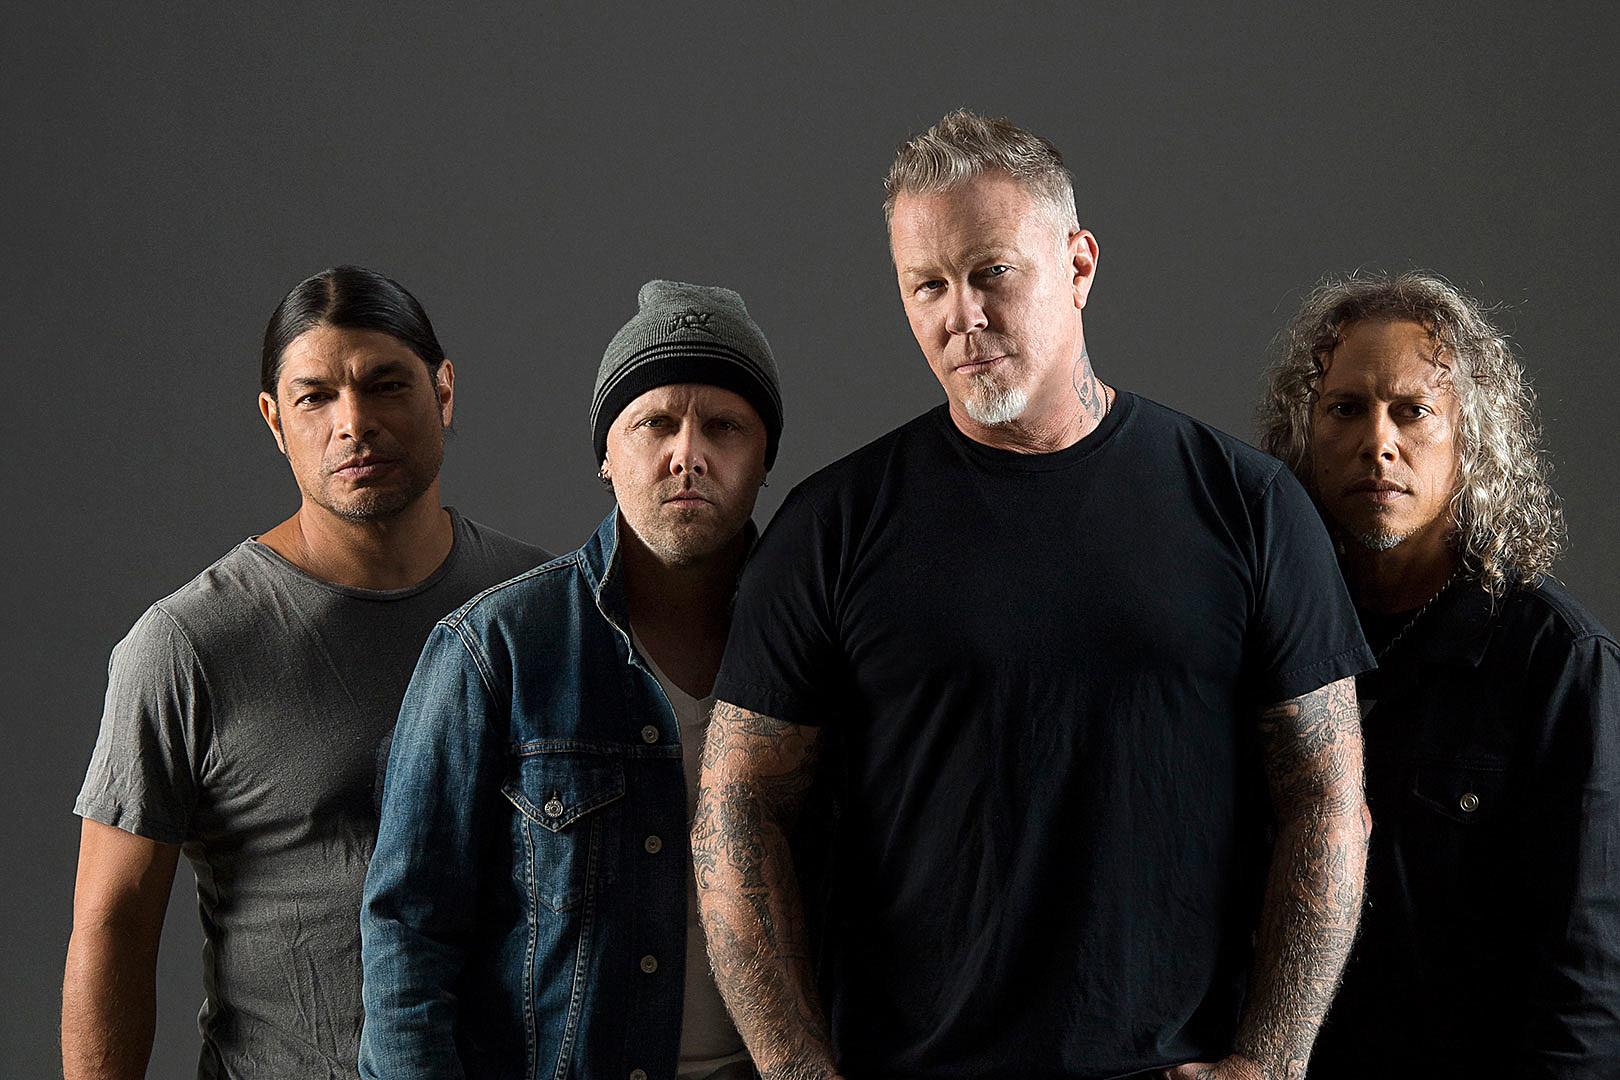 metallica by Ross Halfin - Metallica